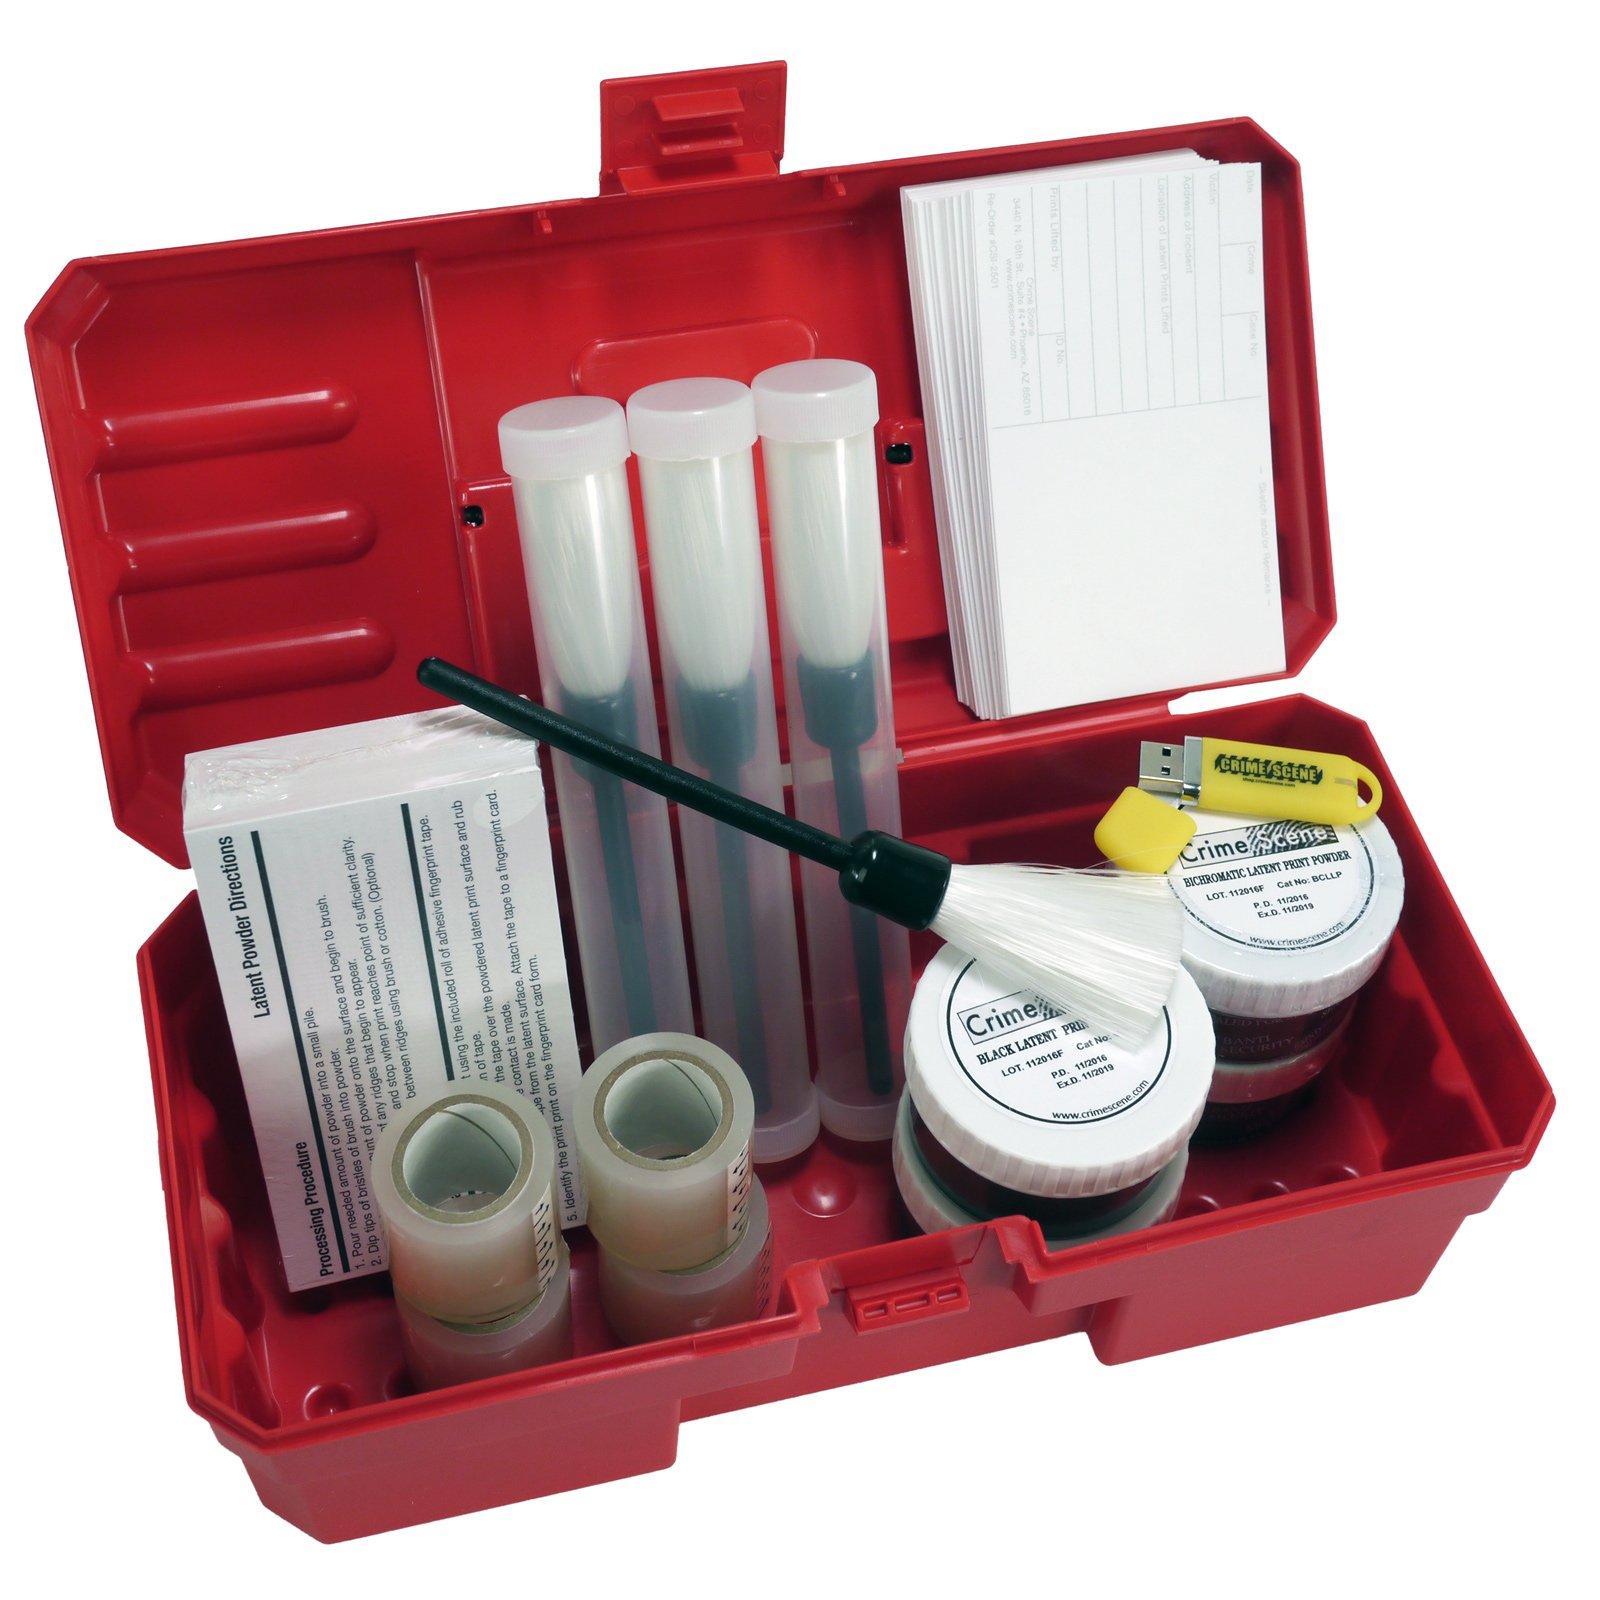 Latent Fingerprint Kit, classroom pack (White)